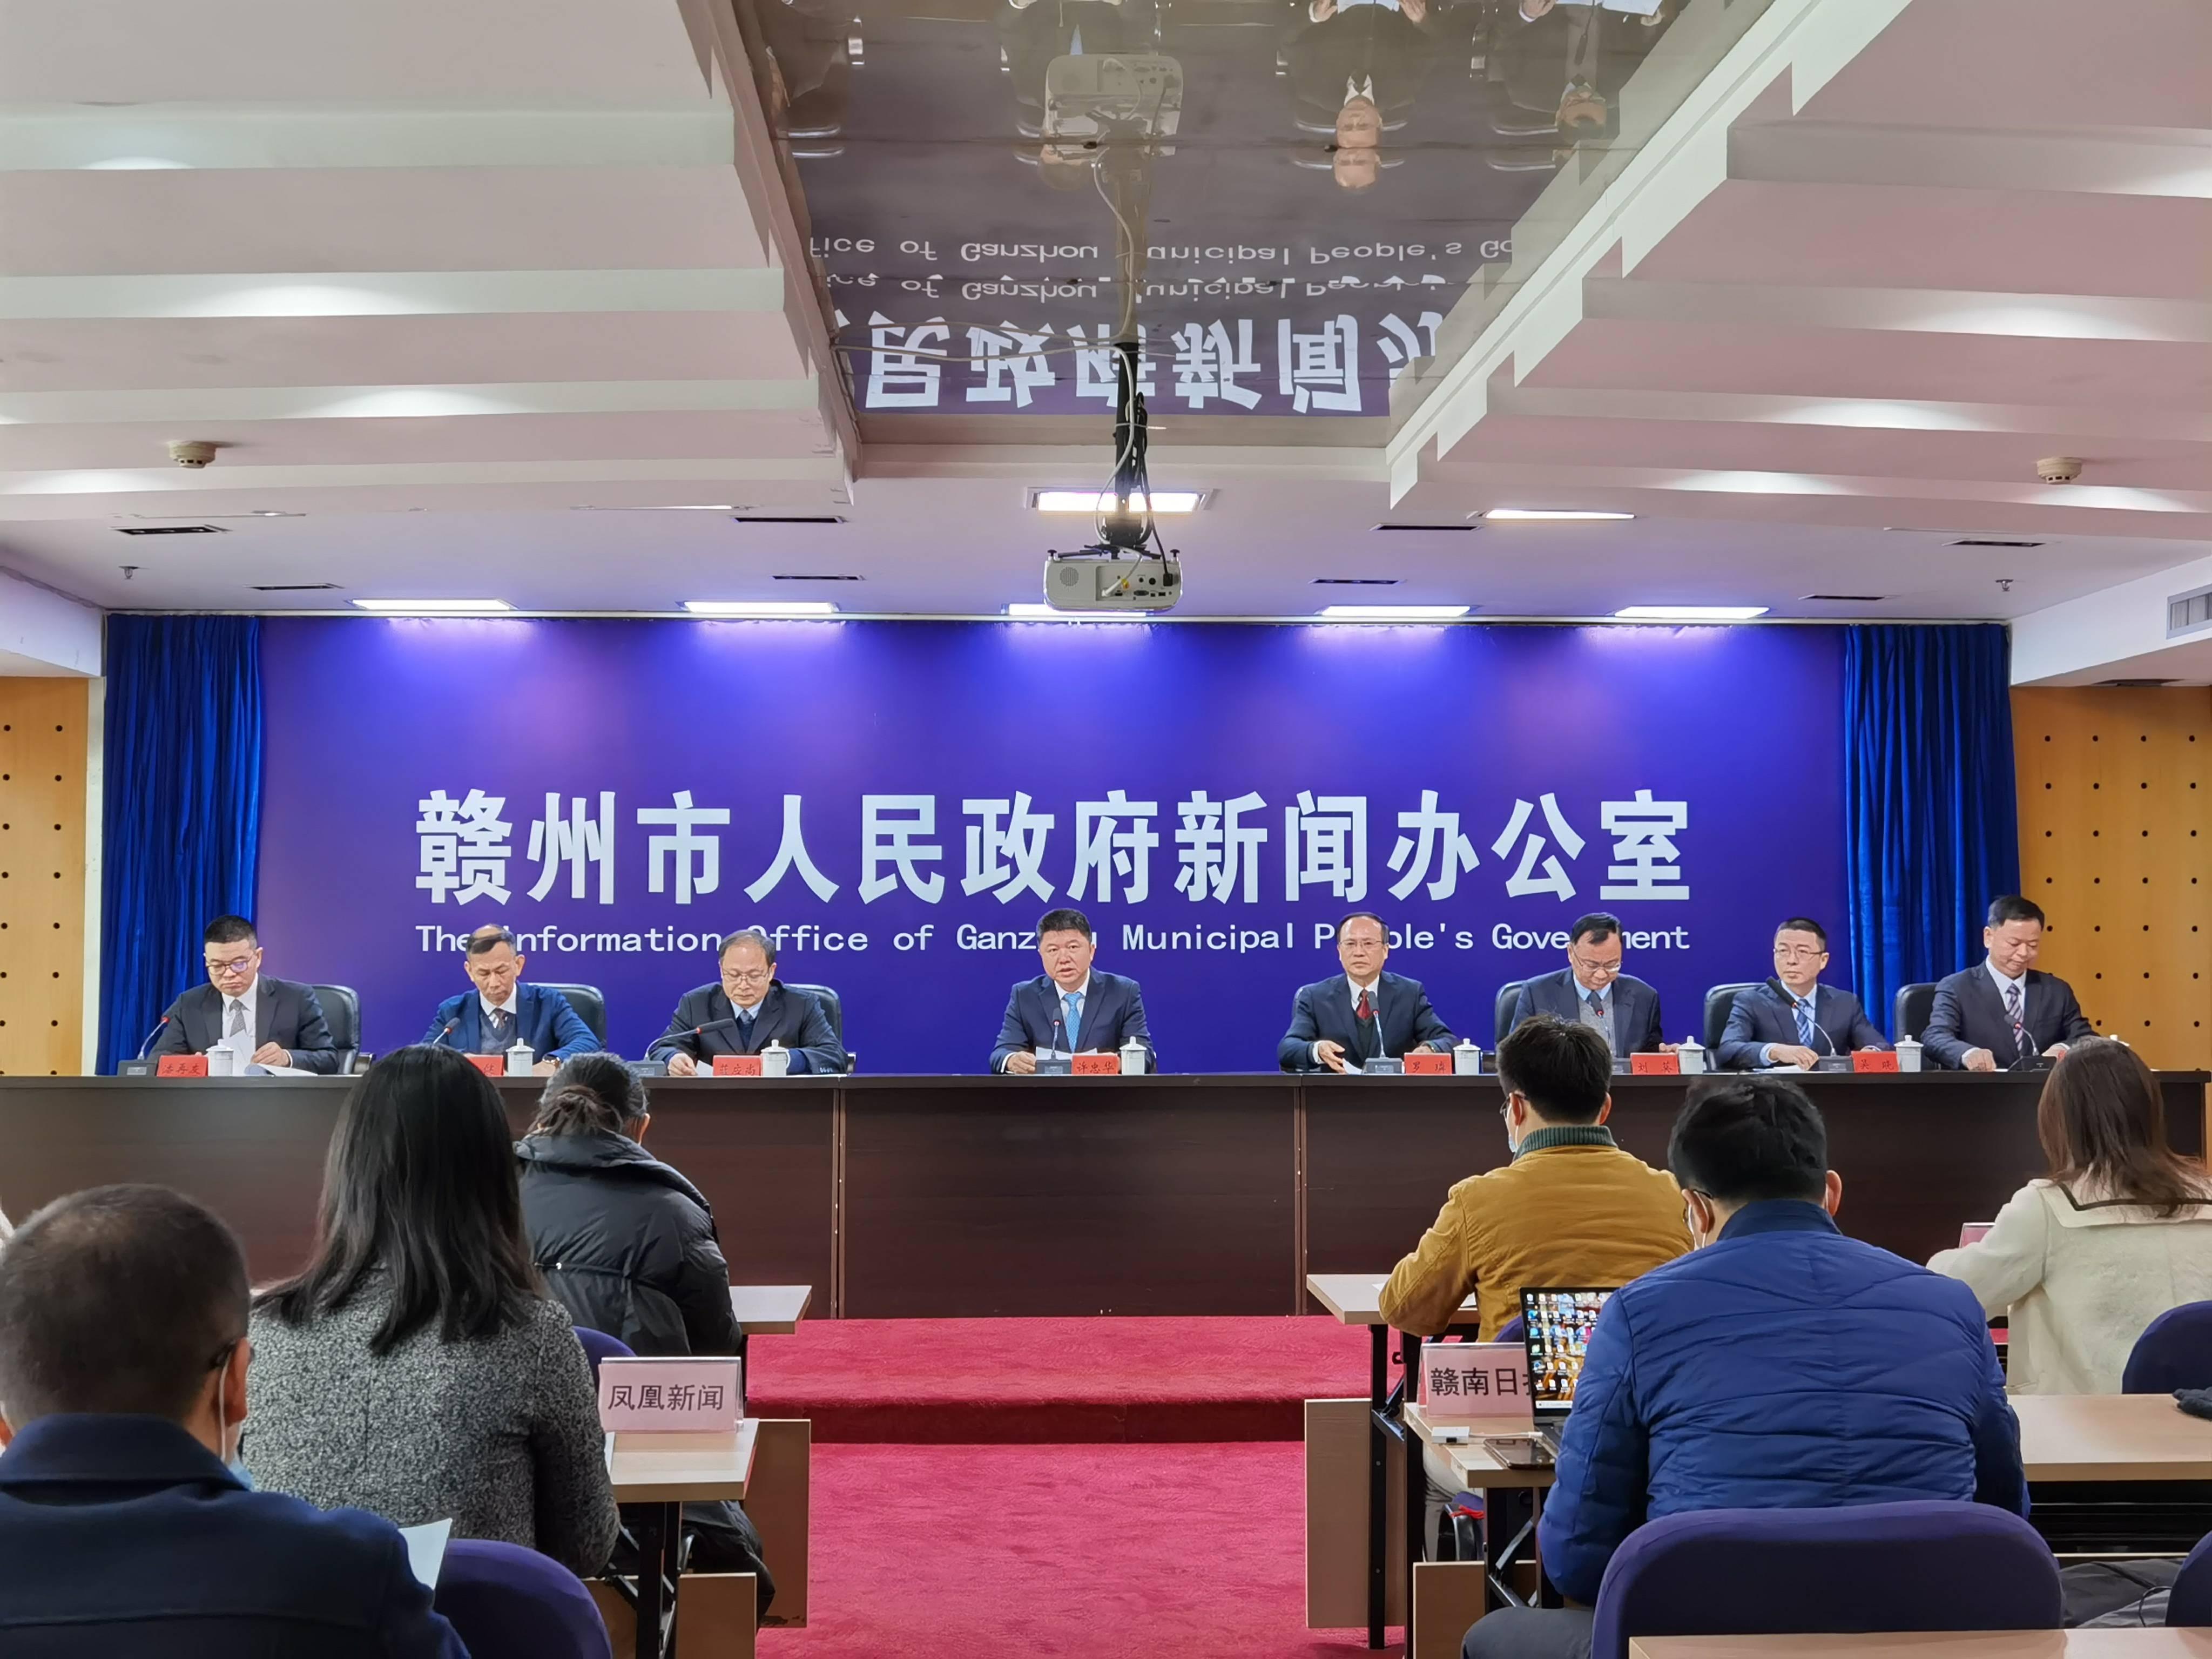 赣州普惠金融改革试验区建设成效显著